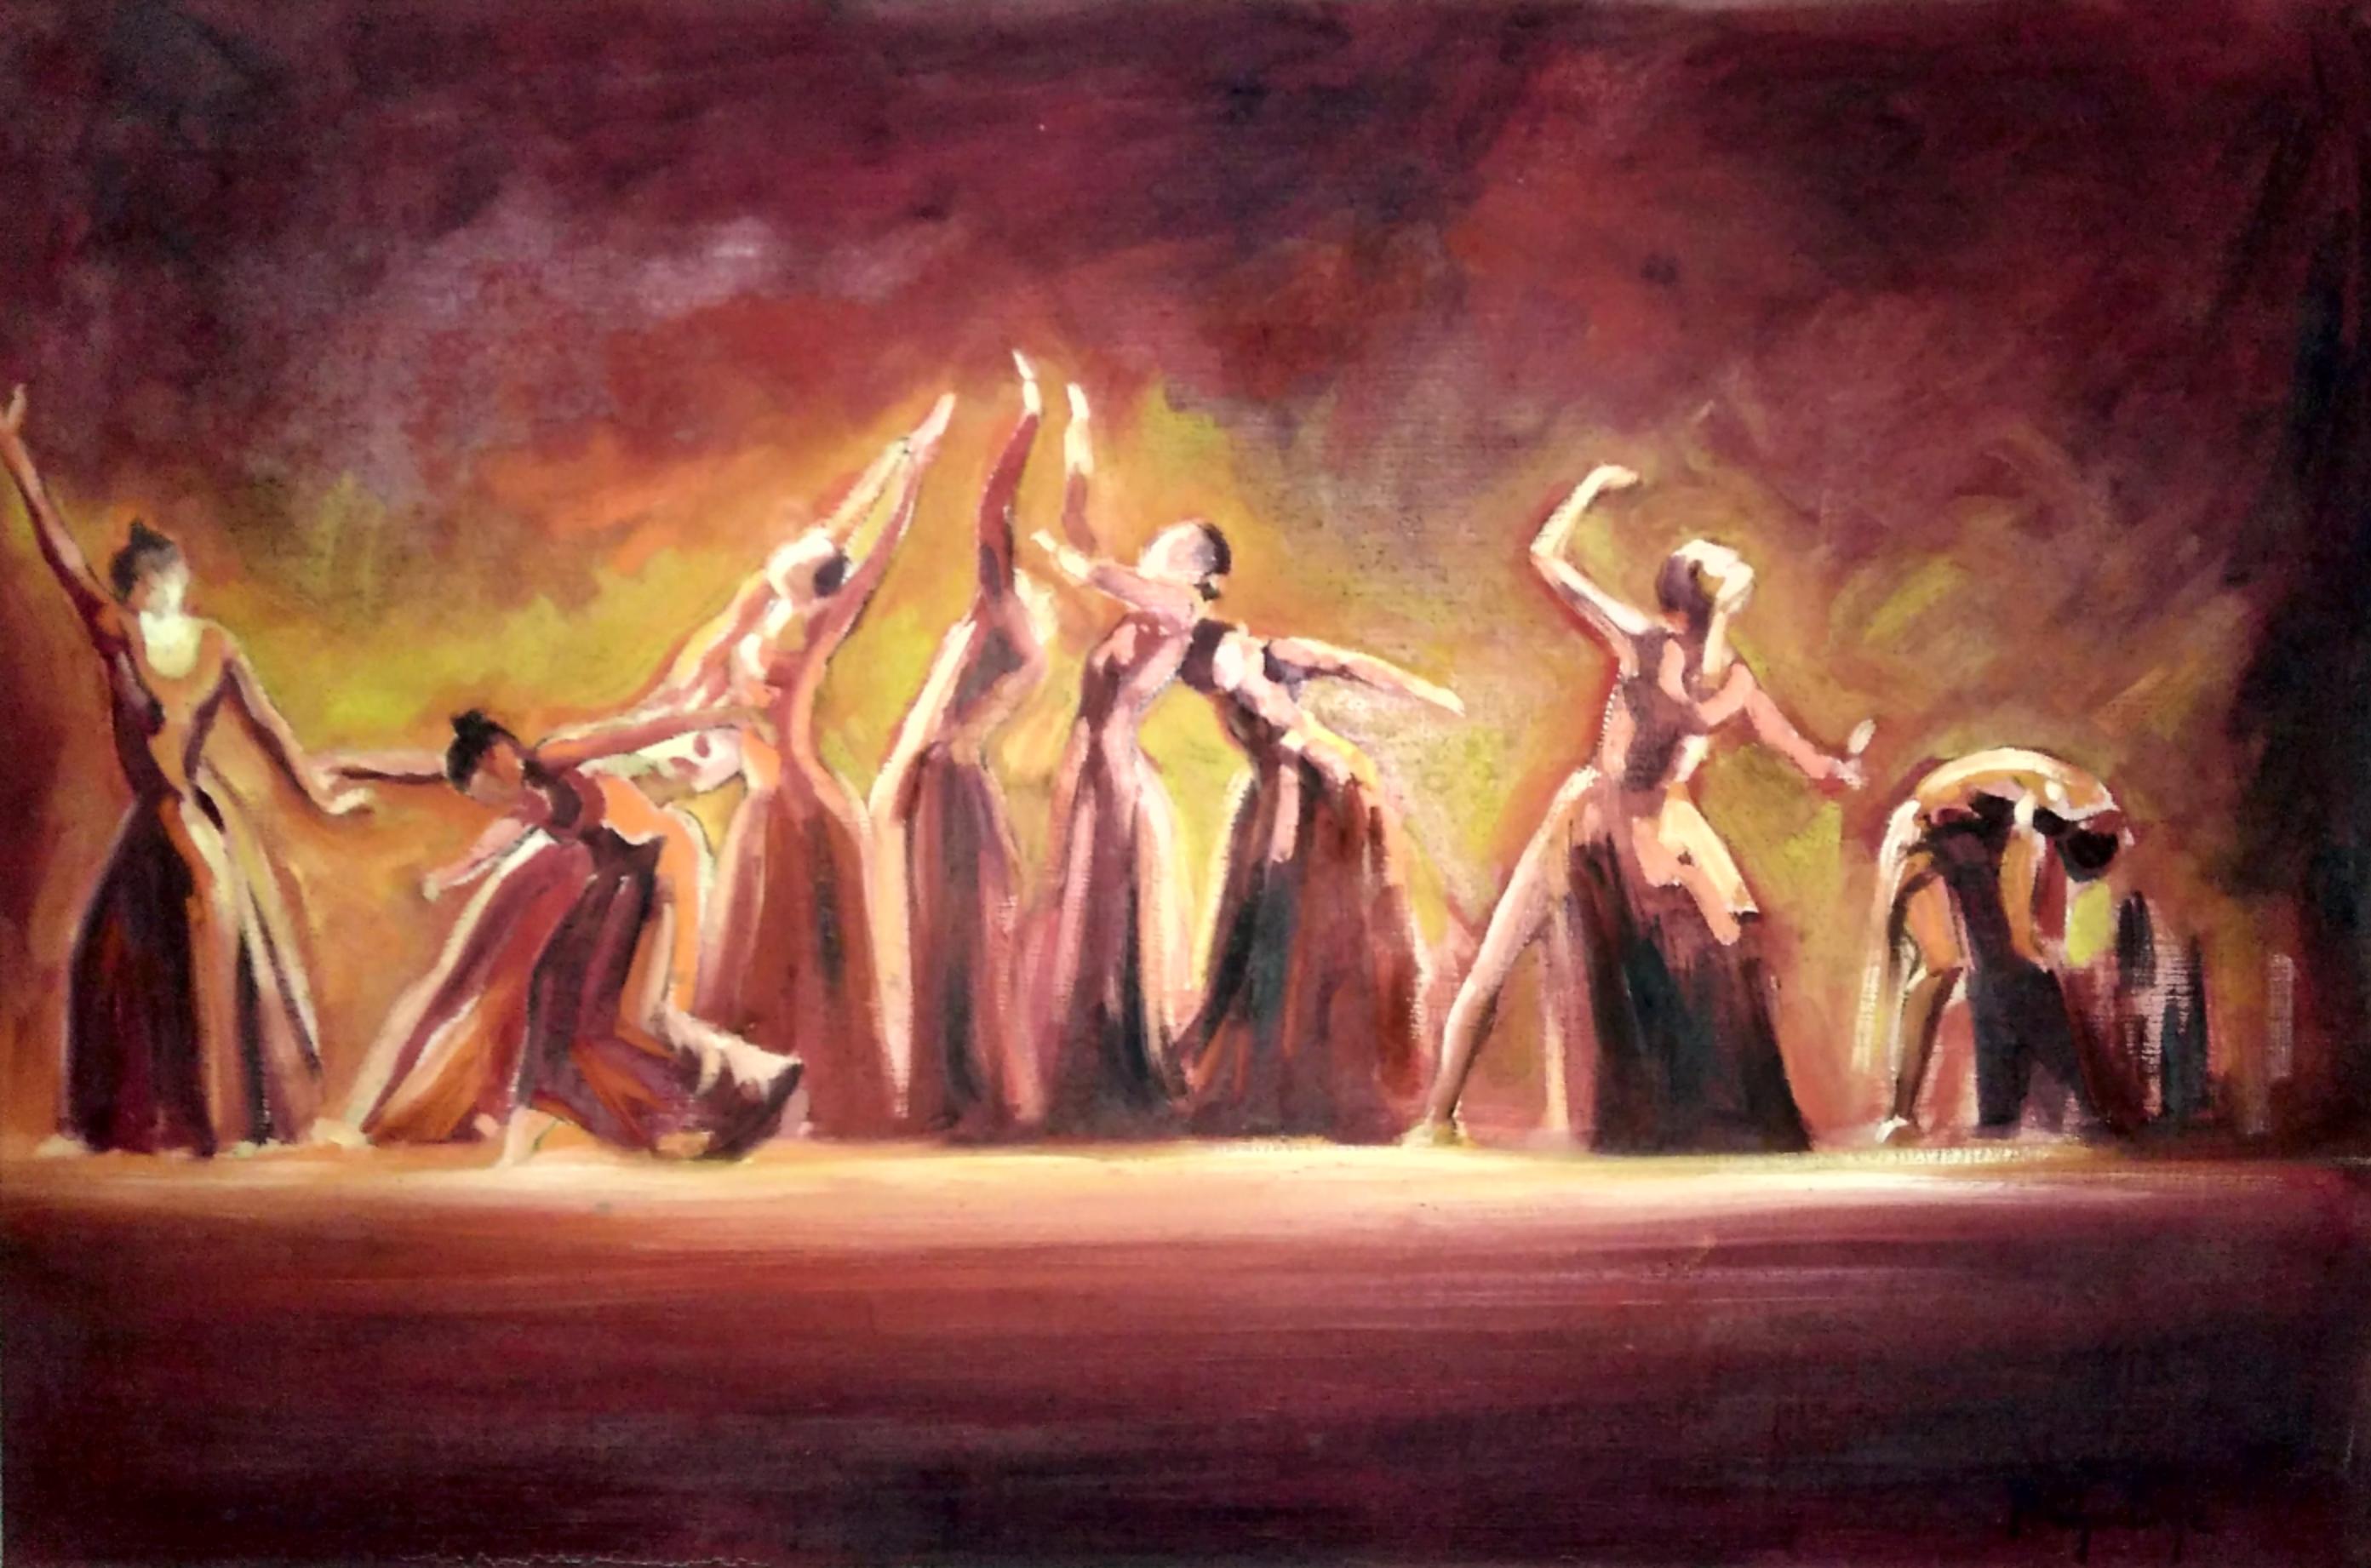 3º Santa Maria em Dança (1997)